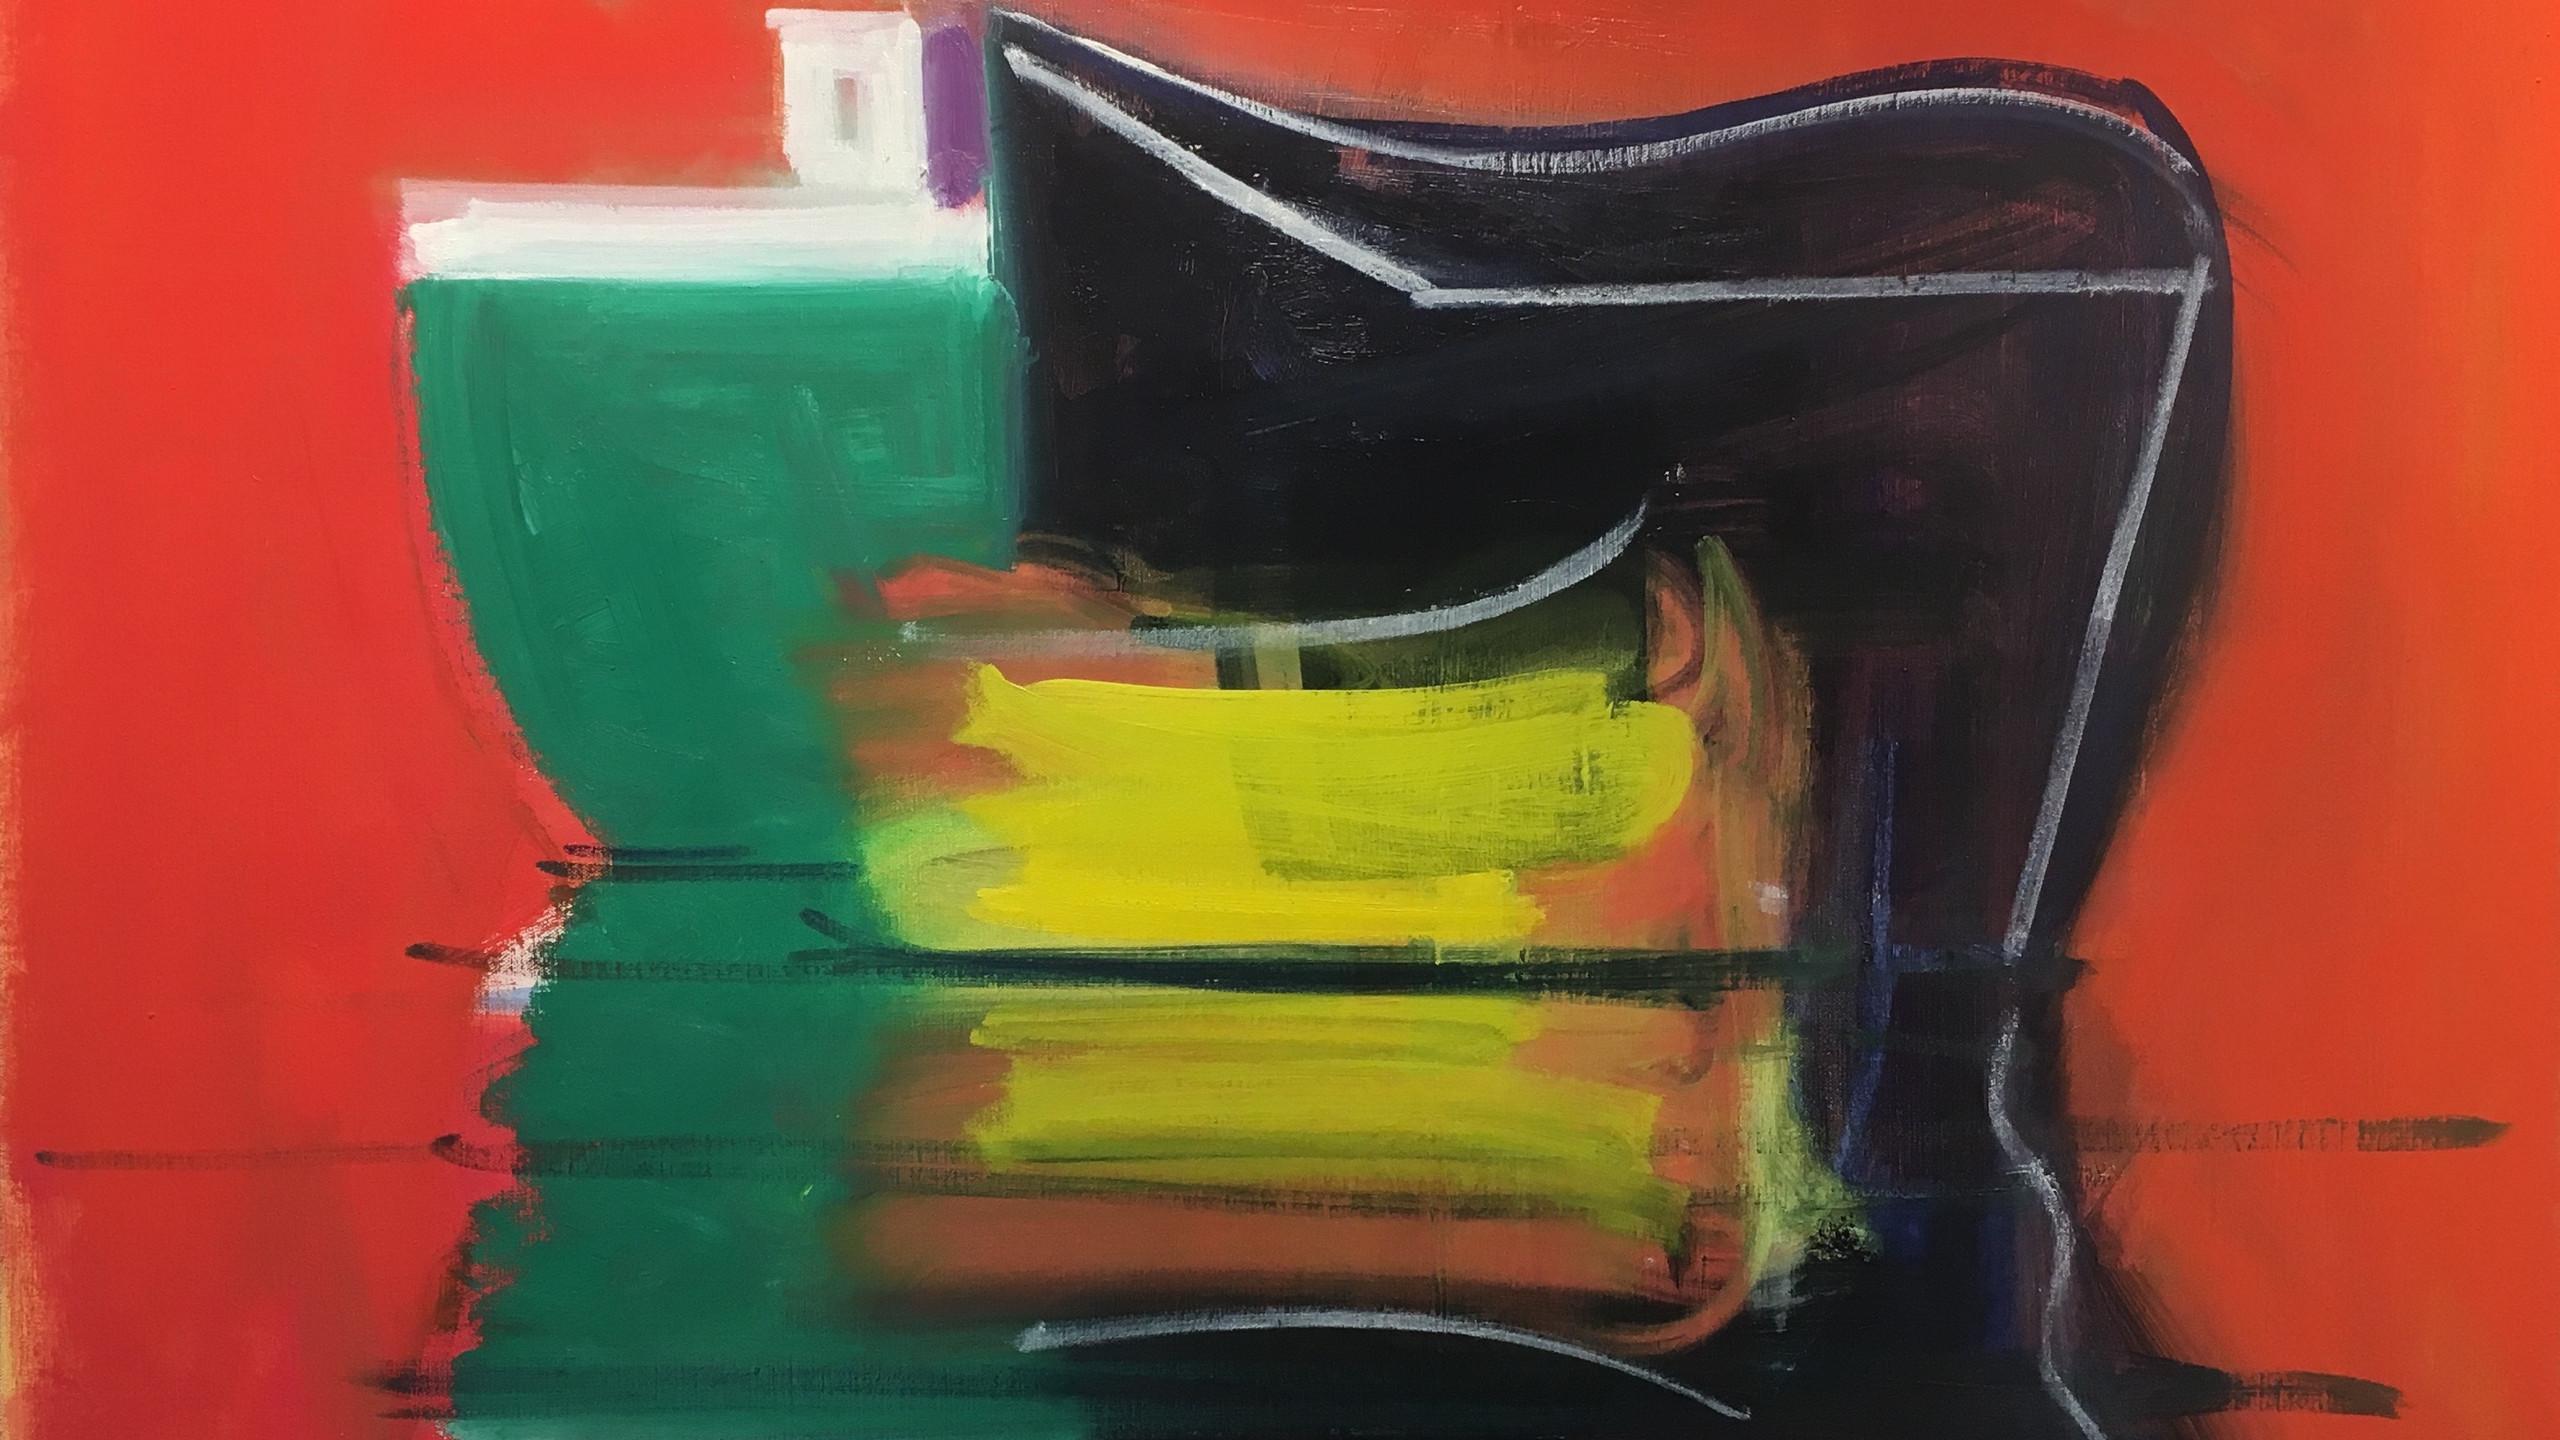 Paul Resika_Vessels_oil on canvas 32 x 40_Courtesy Berta Walker Gallery